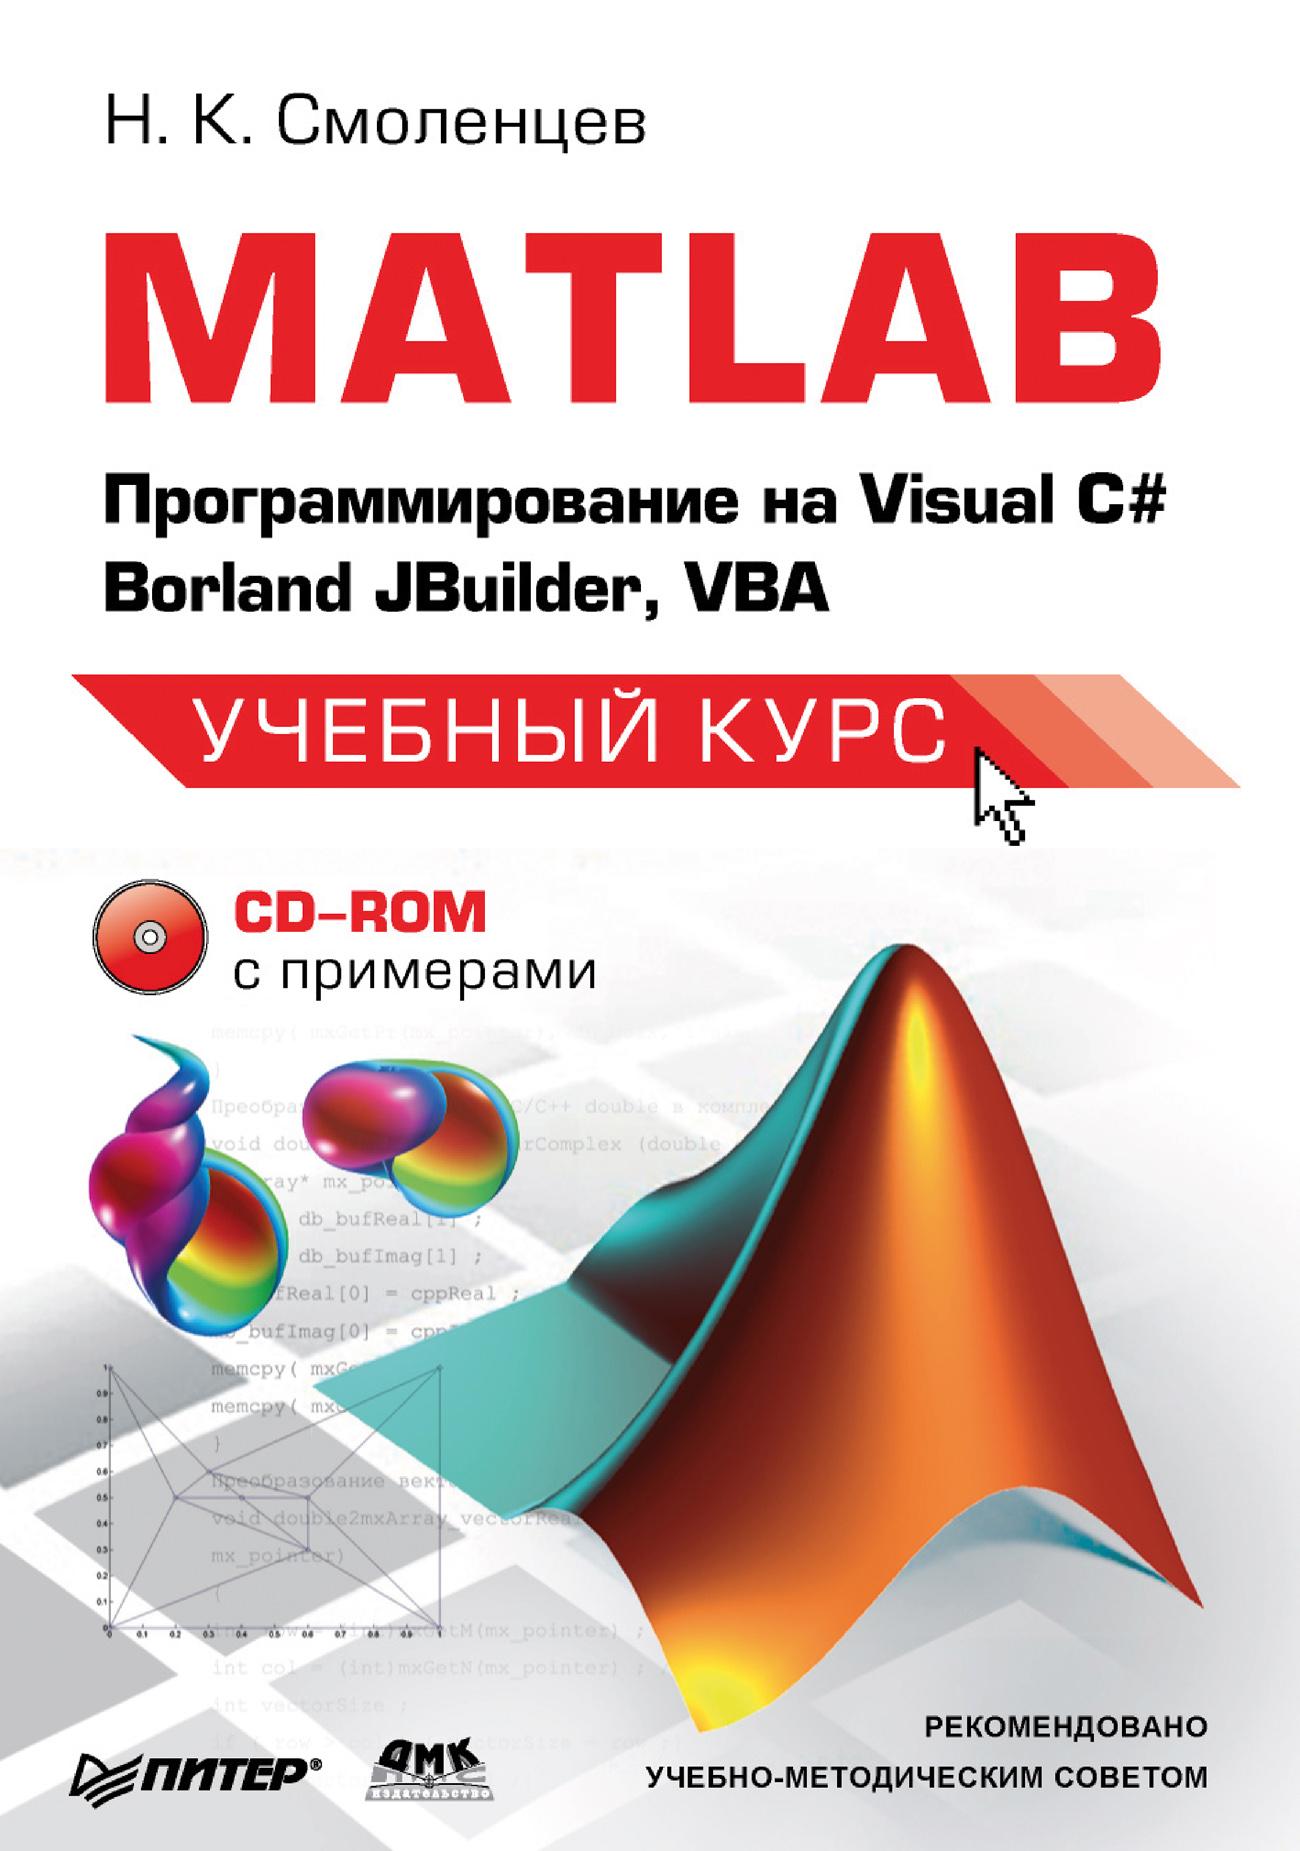 Николай Смоленцев MATLAB: Программирование на Visual С#, Borland JBuilder, VBA matlab